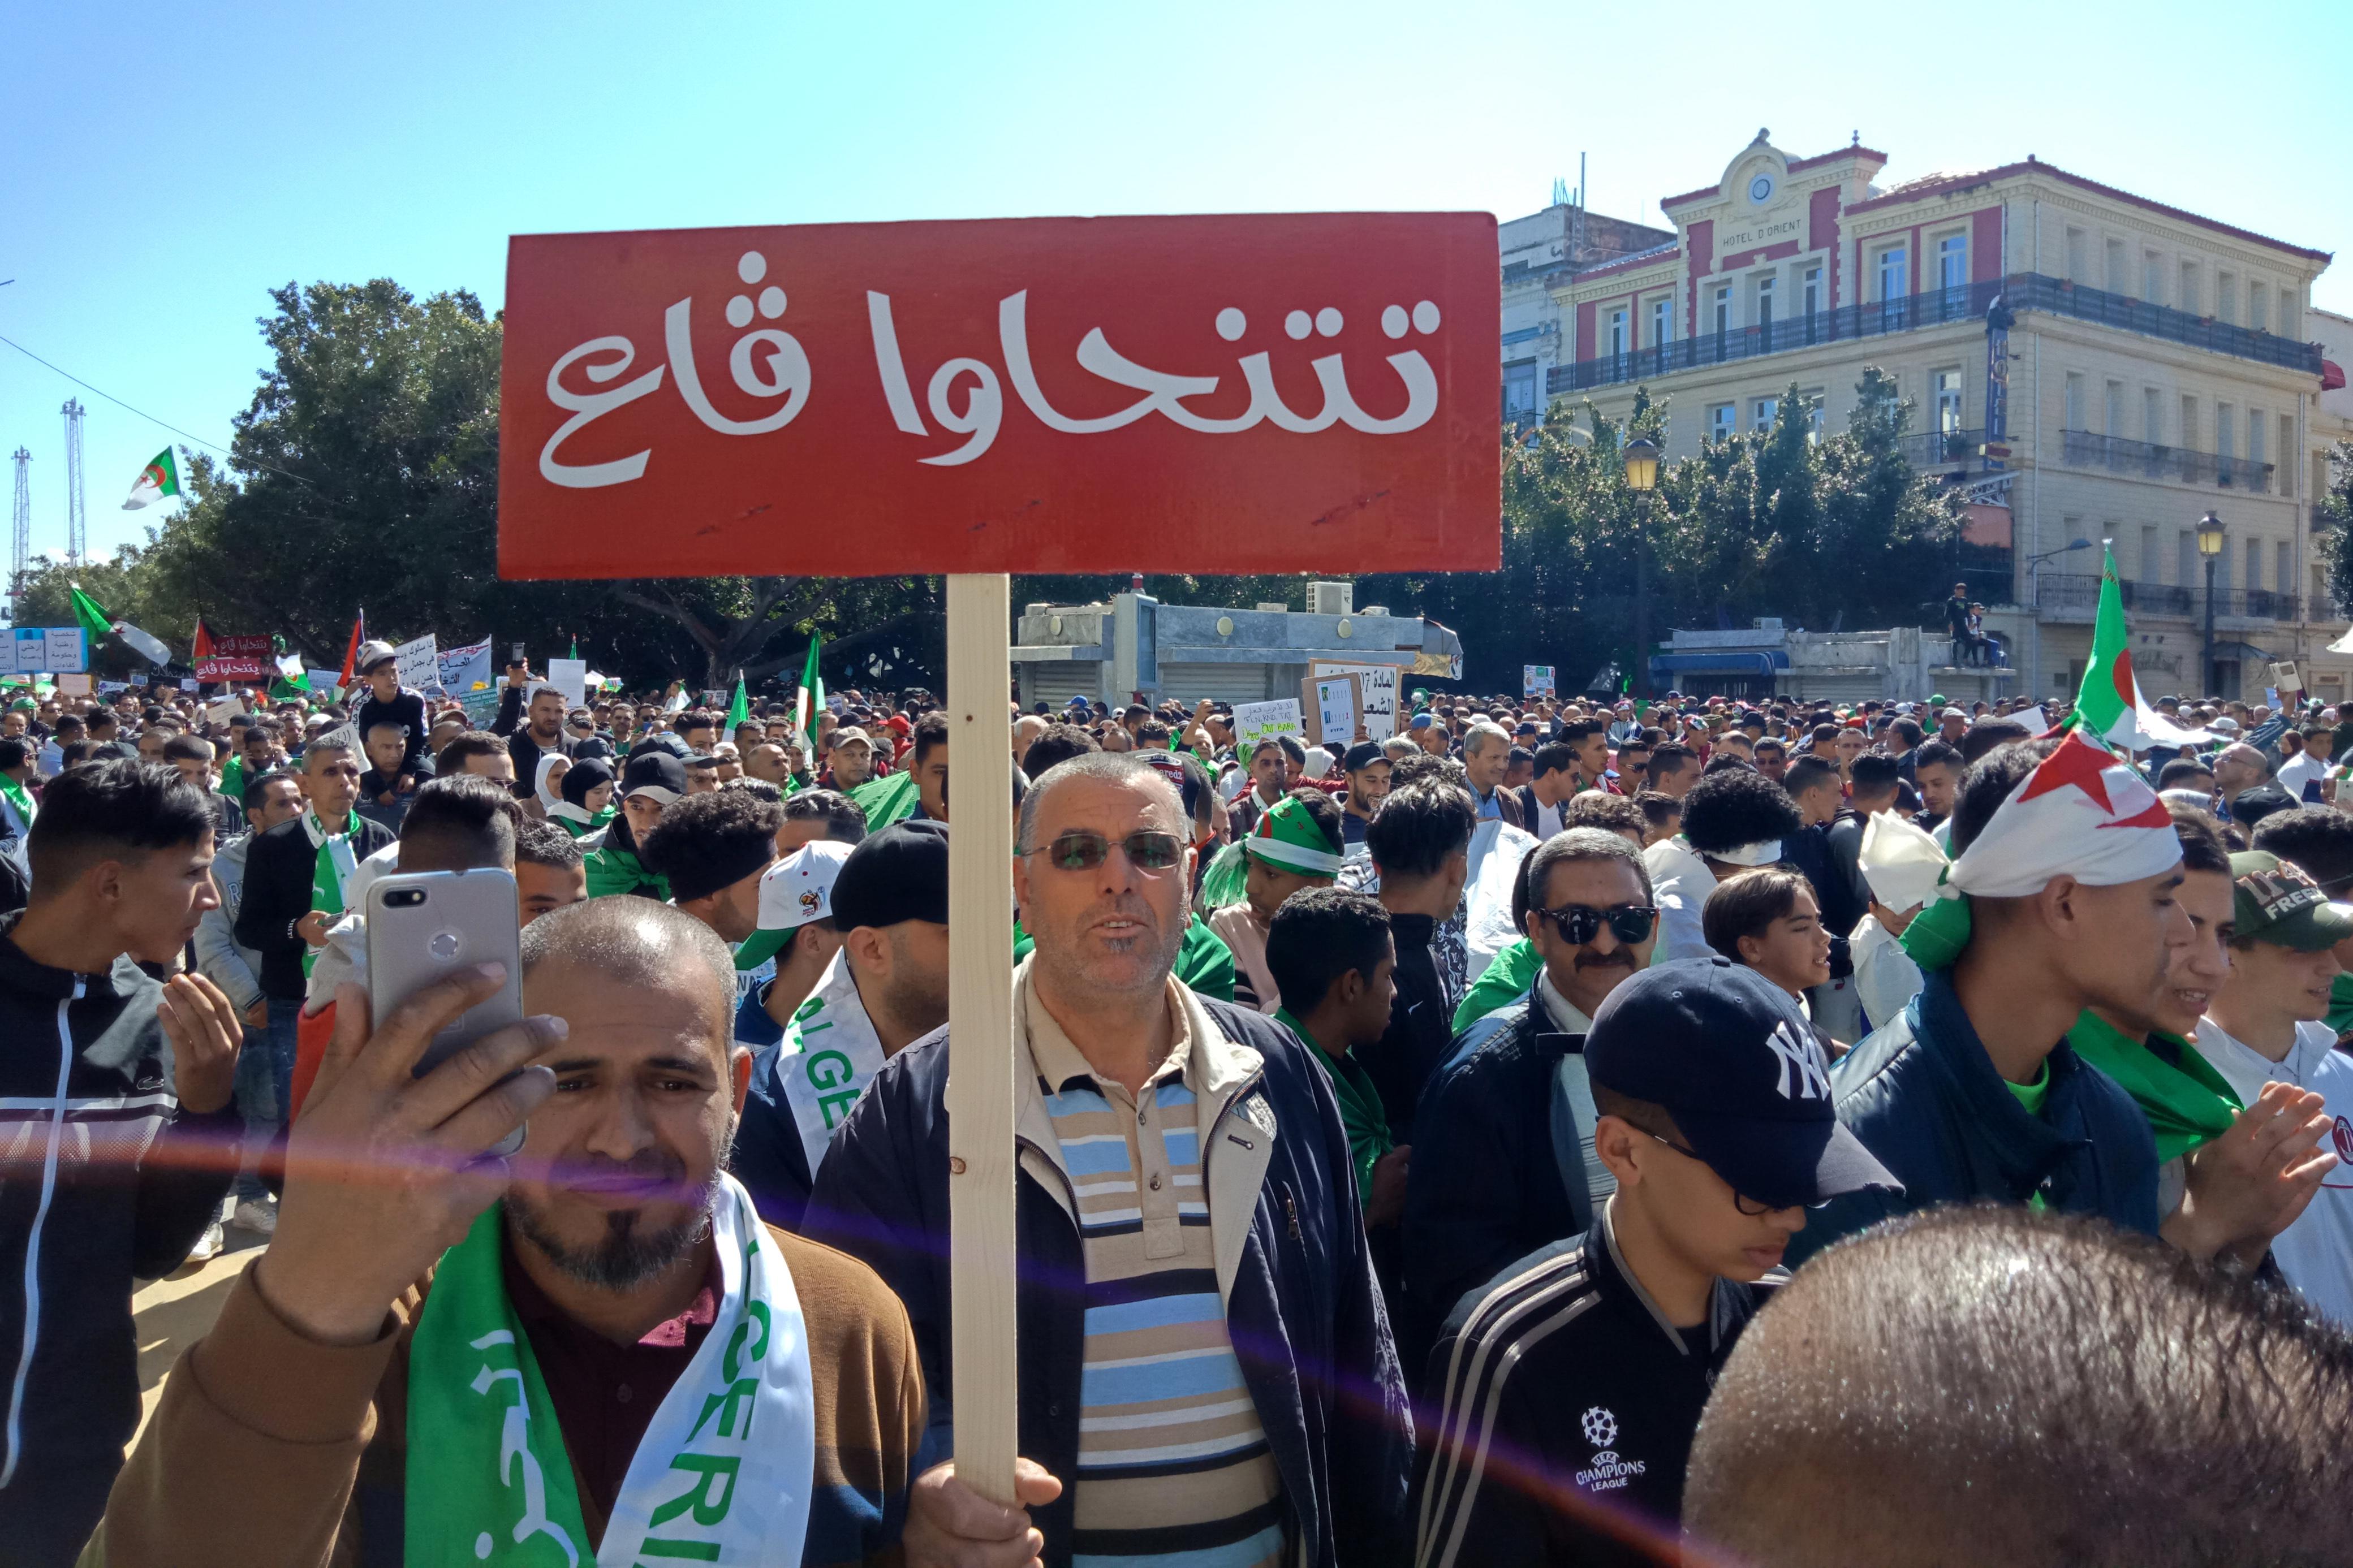 ترحلون جميعا باللهجة الجزائرية (تتنحاو قاع)